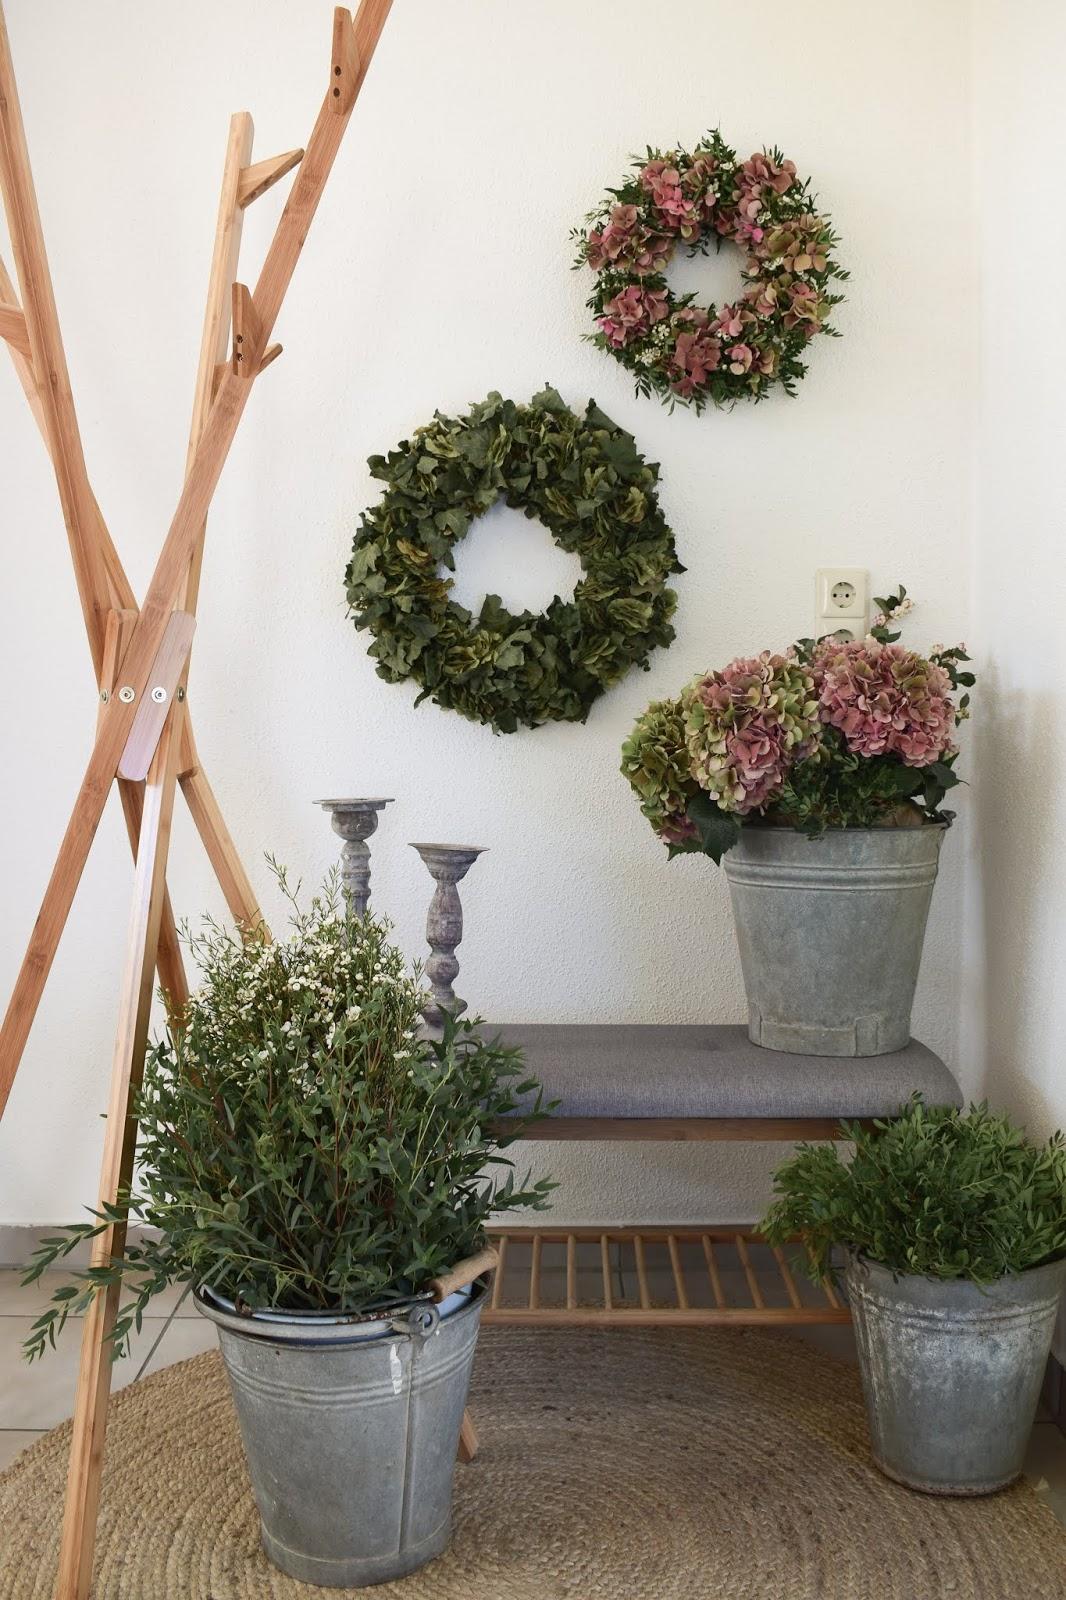 Workshop Räume Kreativ Atelier Interior mit WENKO Garderobe Mikado Bahari Schuhbank Diele Einrichtung Dekoideen kreativ gestalten